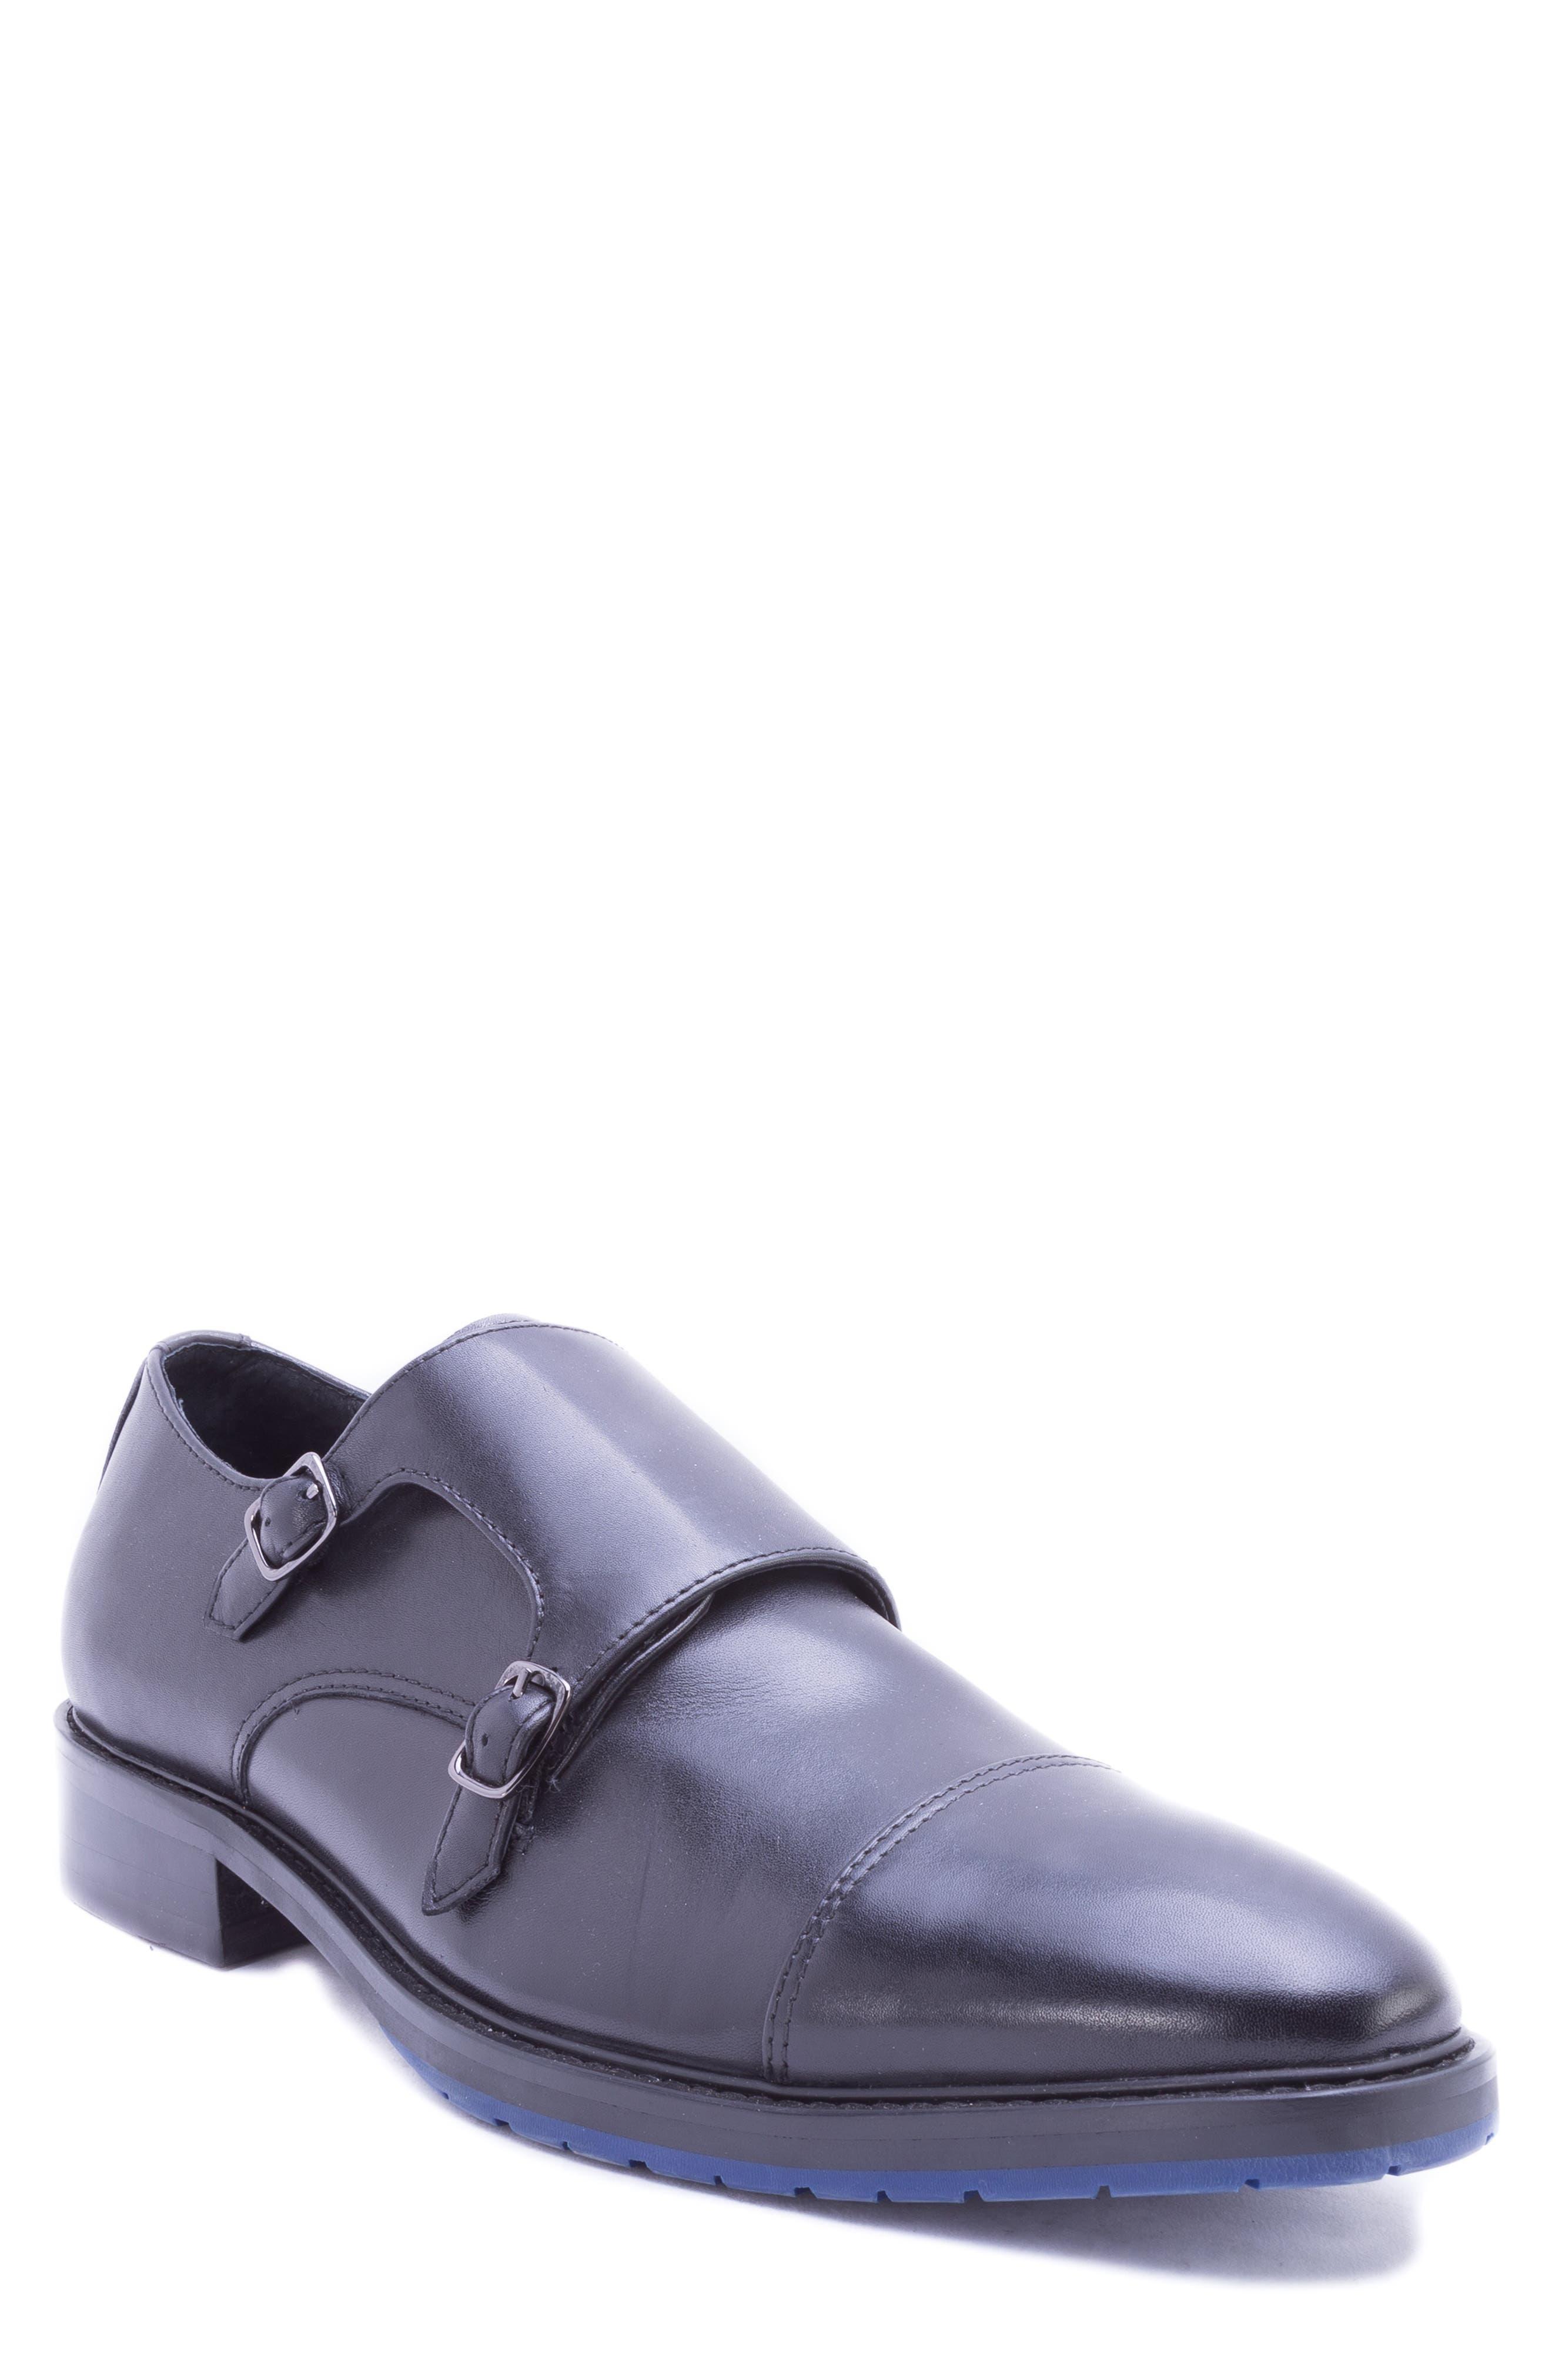 Catlett Double Monk Strap Shoe,                         Main,                         color, BLACK LEATHER